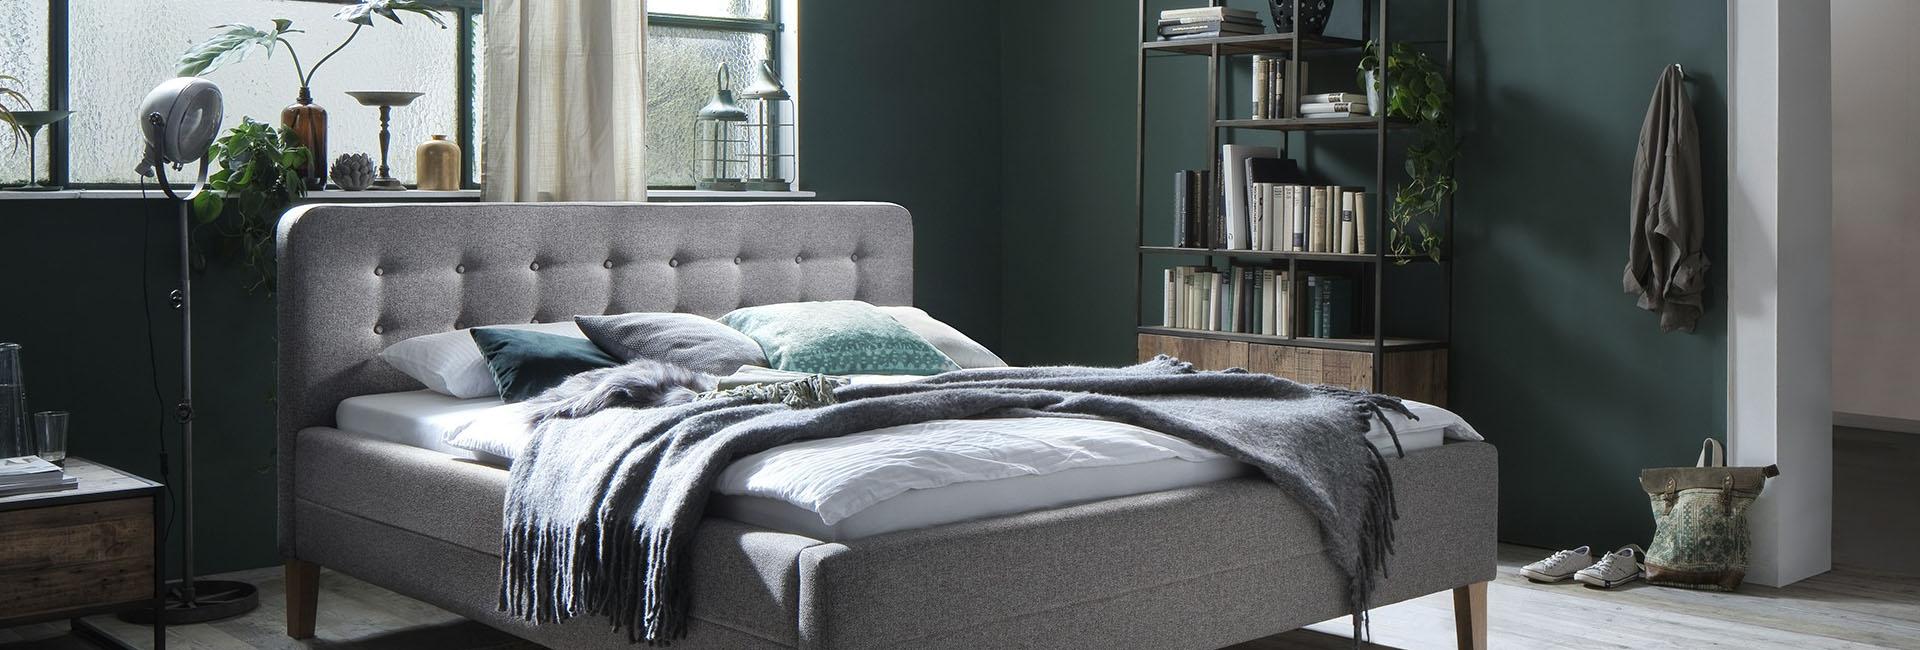 Full Size of Schlafzimmer überbau Schlafzimmermbel Im Mbel Kraft Onlineshop Kaufen Stuhl Sessel Komplette Mit Weißes Deckenlampe Komplett Guenstig Romantische Rauch Wohnzimmer Schlafzimmer überbau